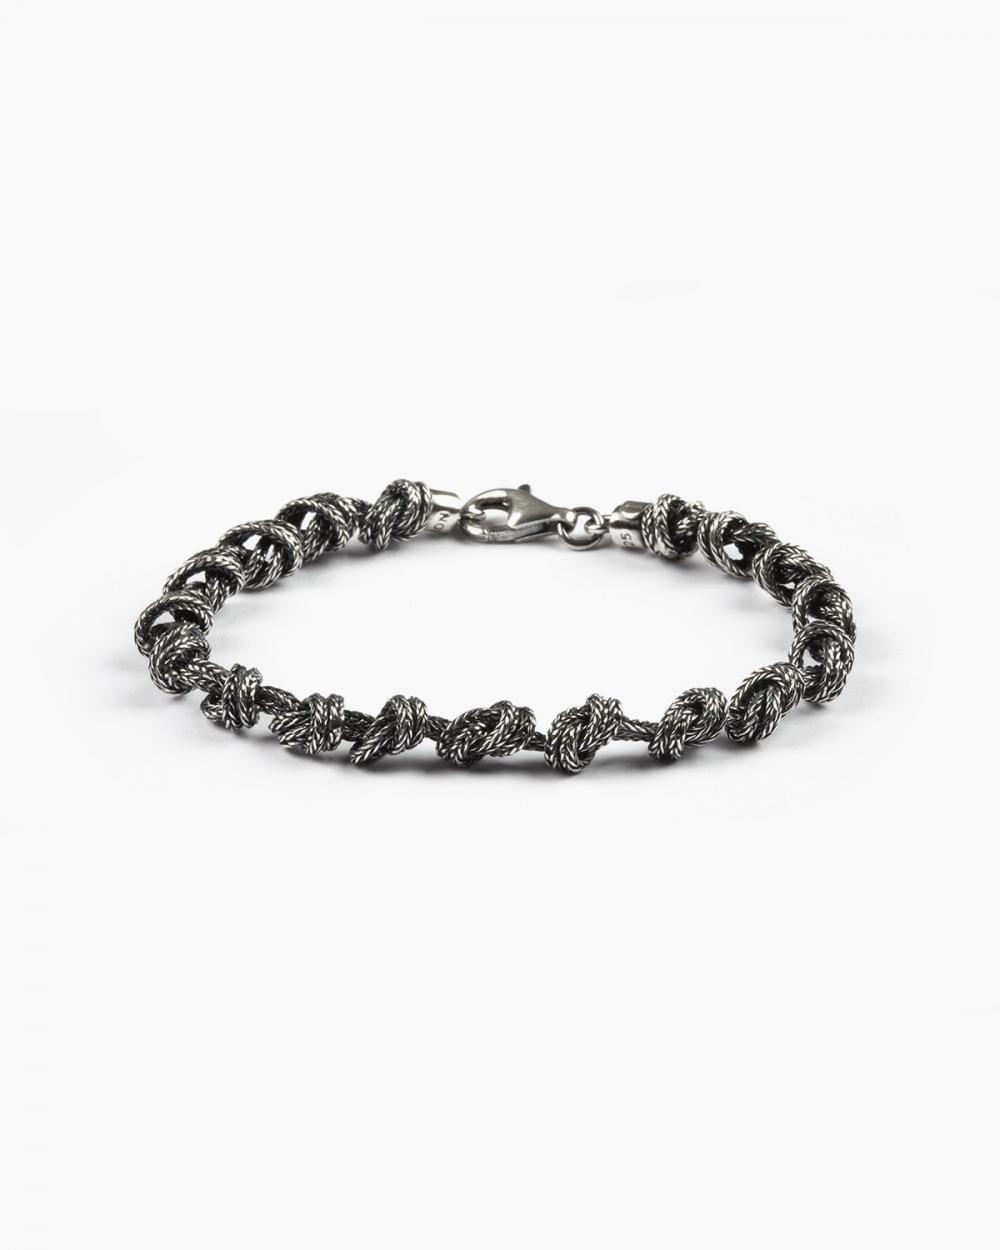 Bracelets FOXTAIL SMALL KNOTS BRACELET NOVE25